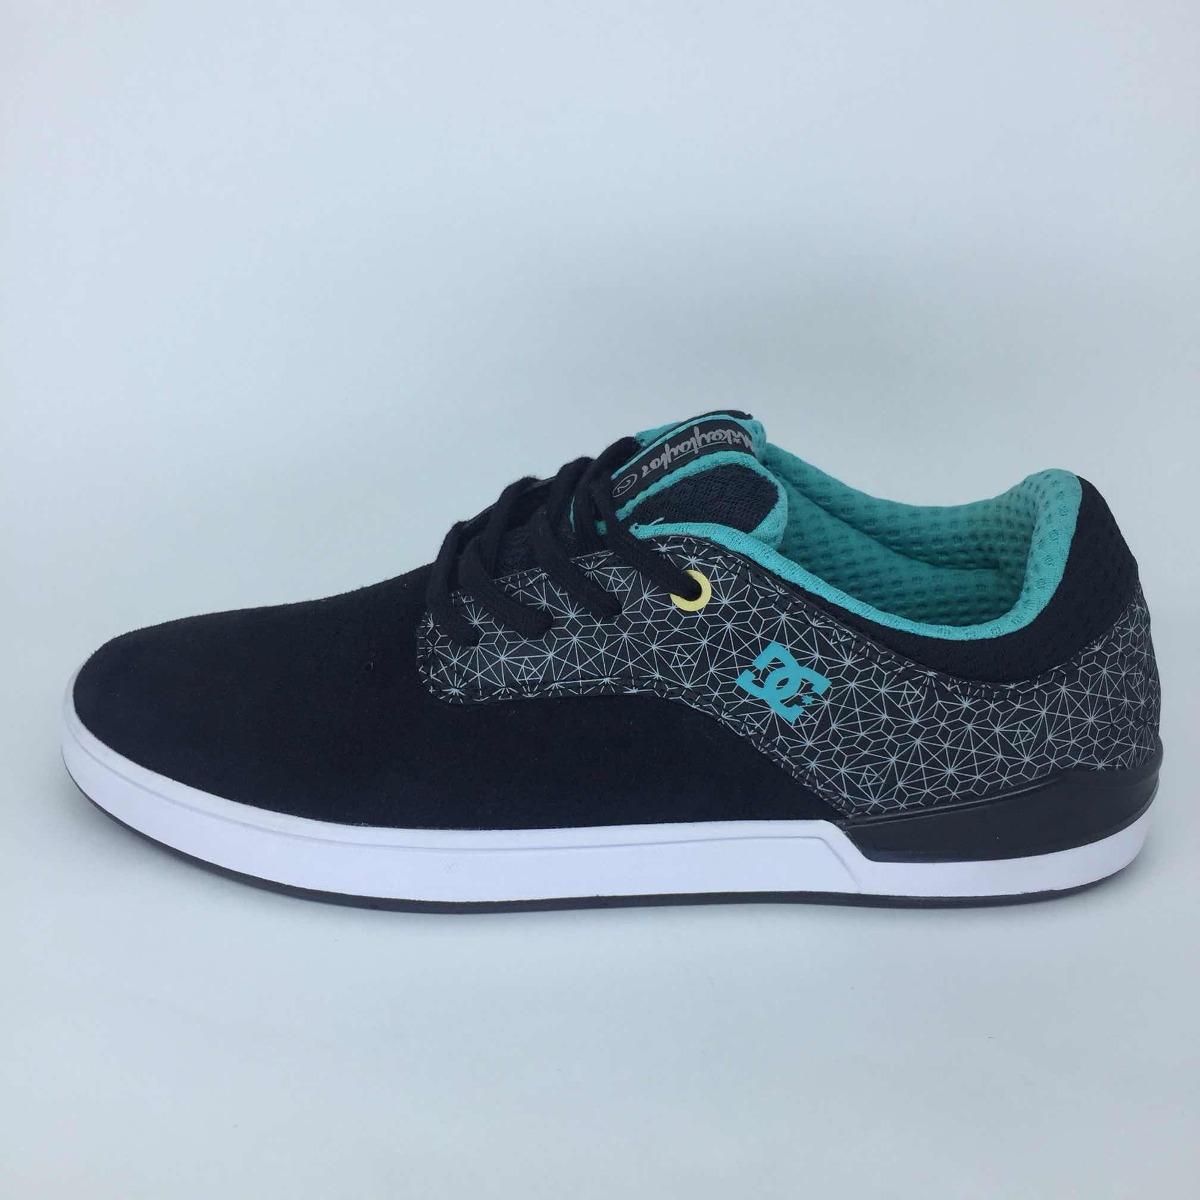 1e0a0b9039 Tênis Dc Shoes Mikey Taylor 2s Preto Azul Original - R$ 246,51 em ...